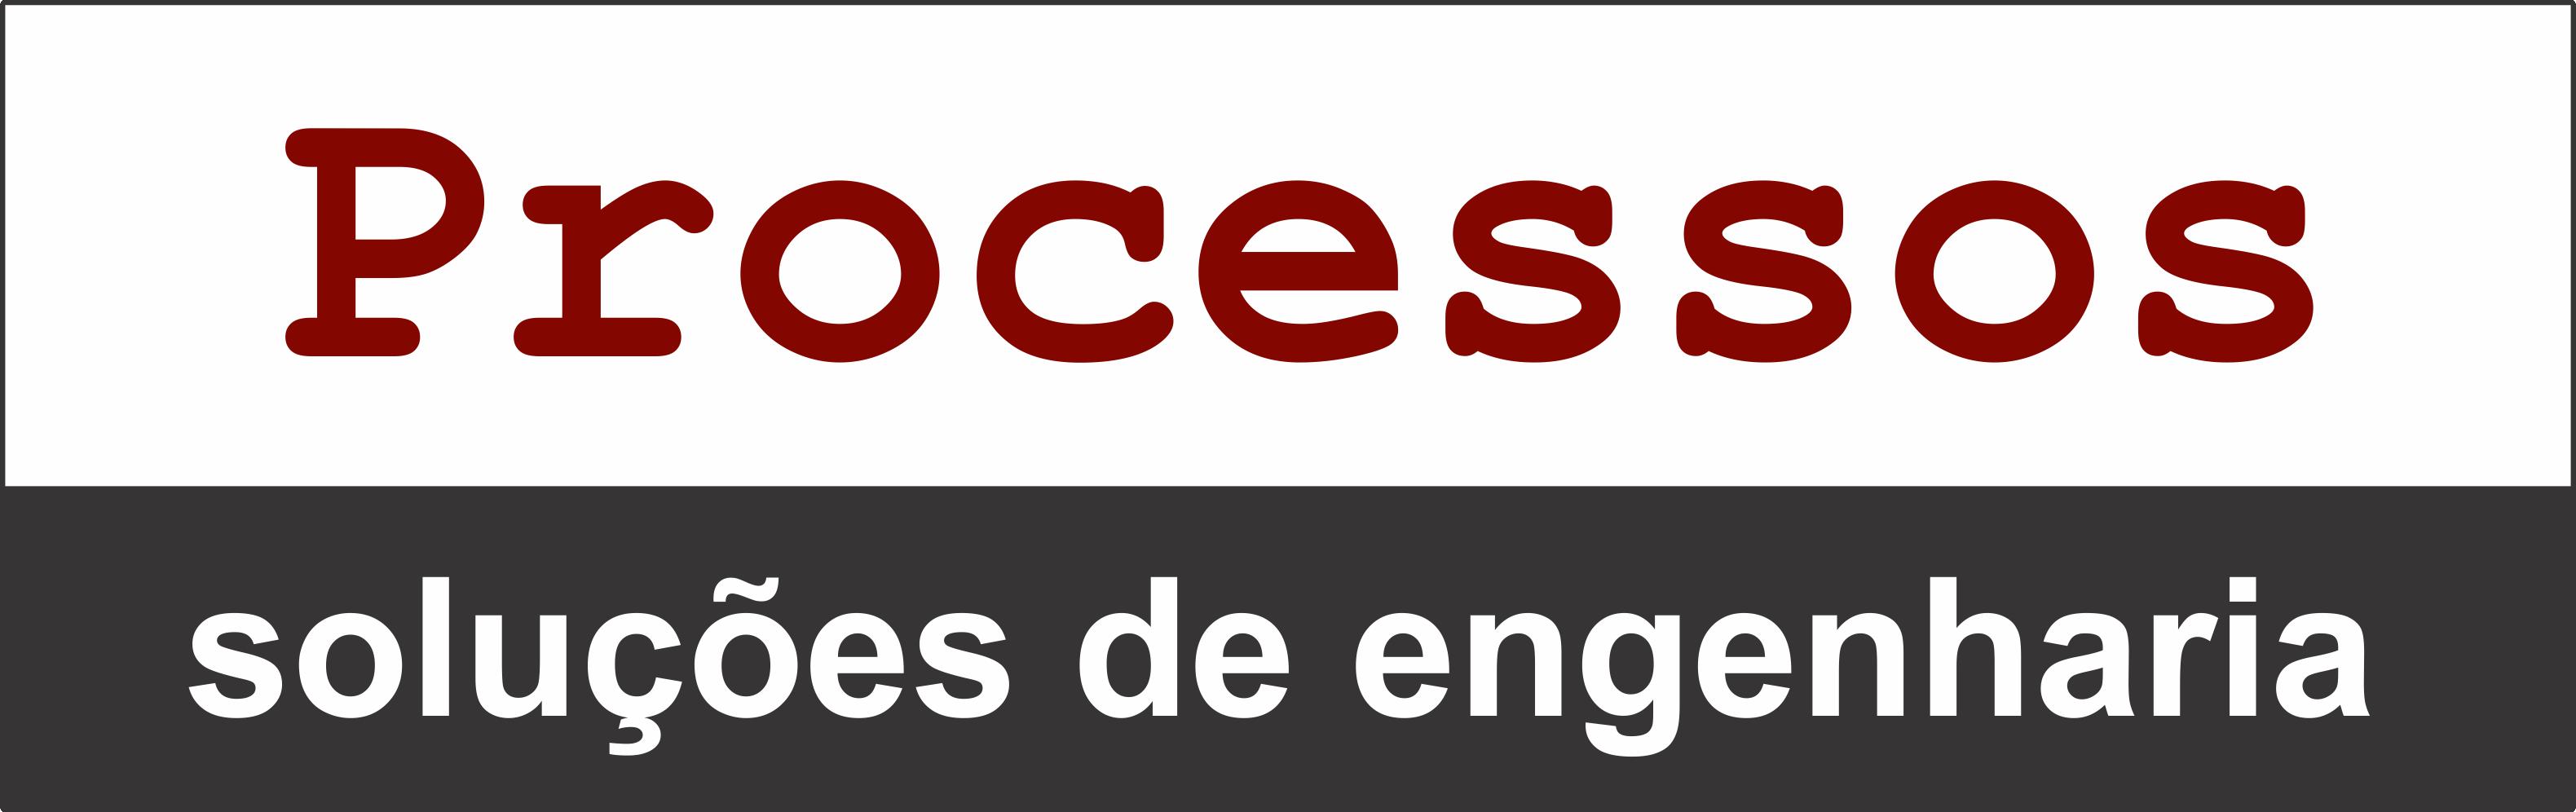 Processos - Soluções de Engenharia